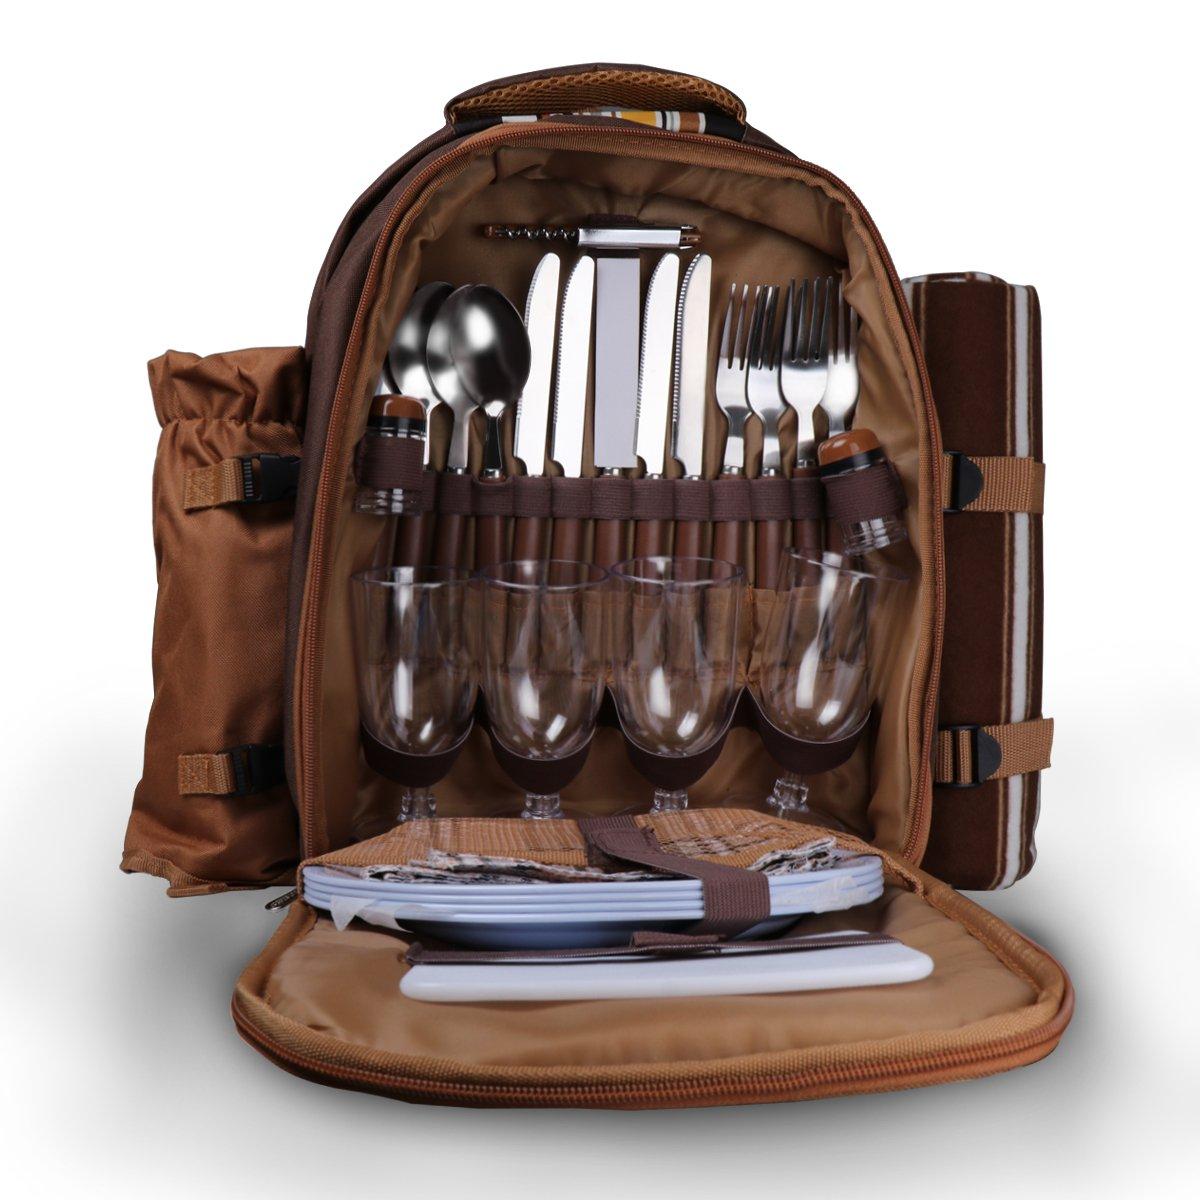 4 Person Picknick Rucksack, Konesky Picknick Rucksack Hamper mit Kühlerfach, Fleece Decke, Wein Kühltasche, Besteck und Teller - Braun